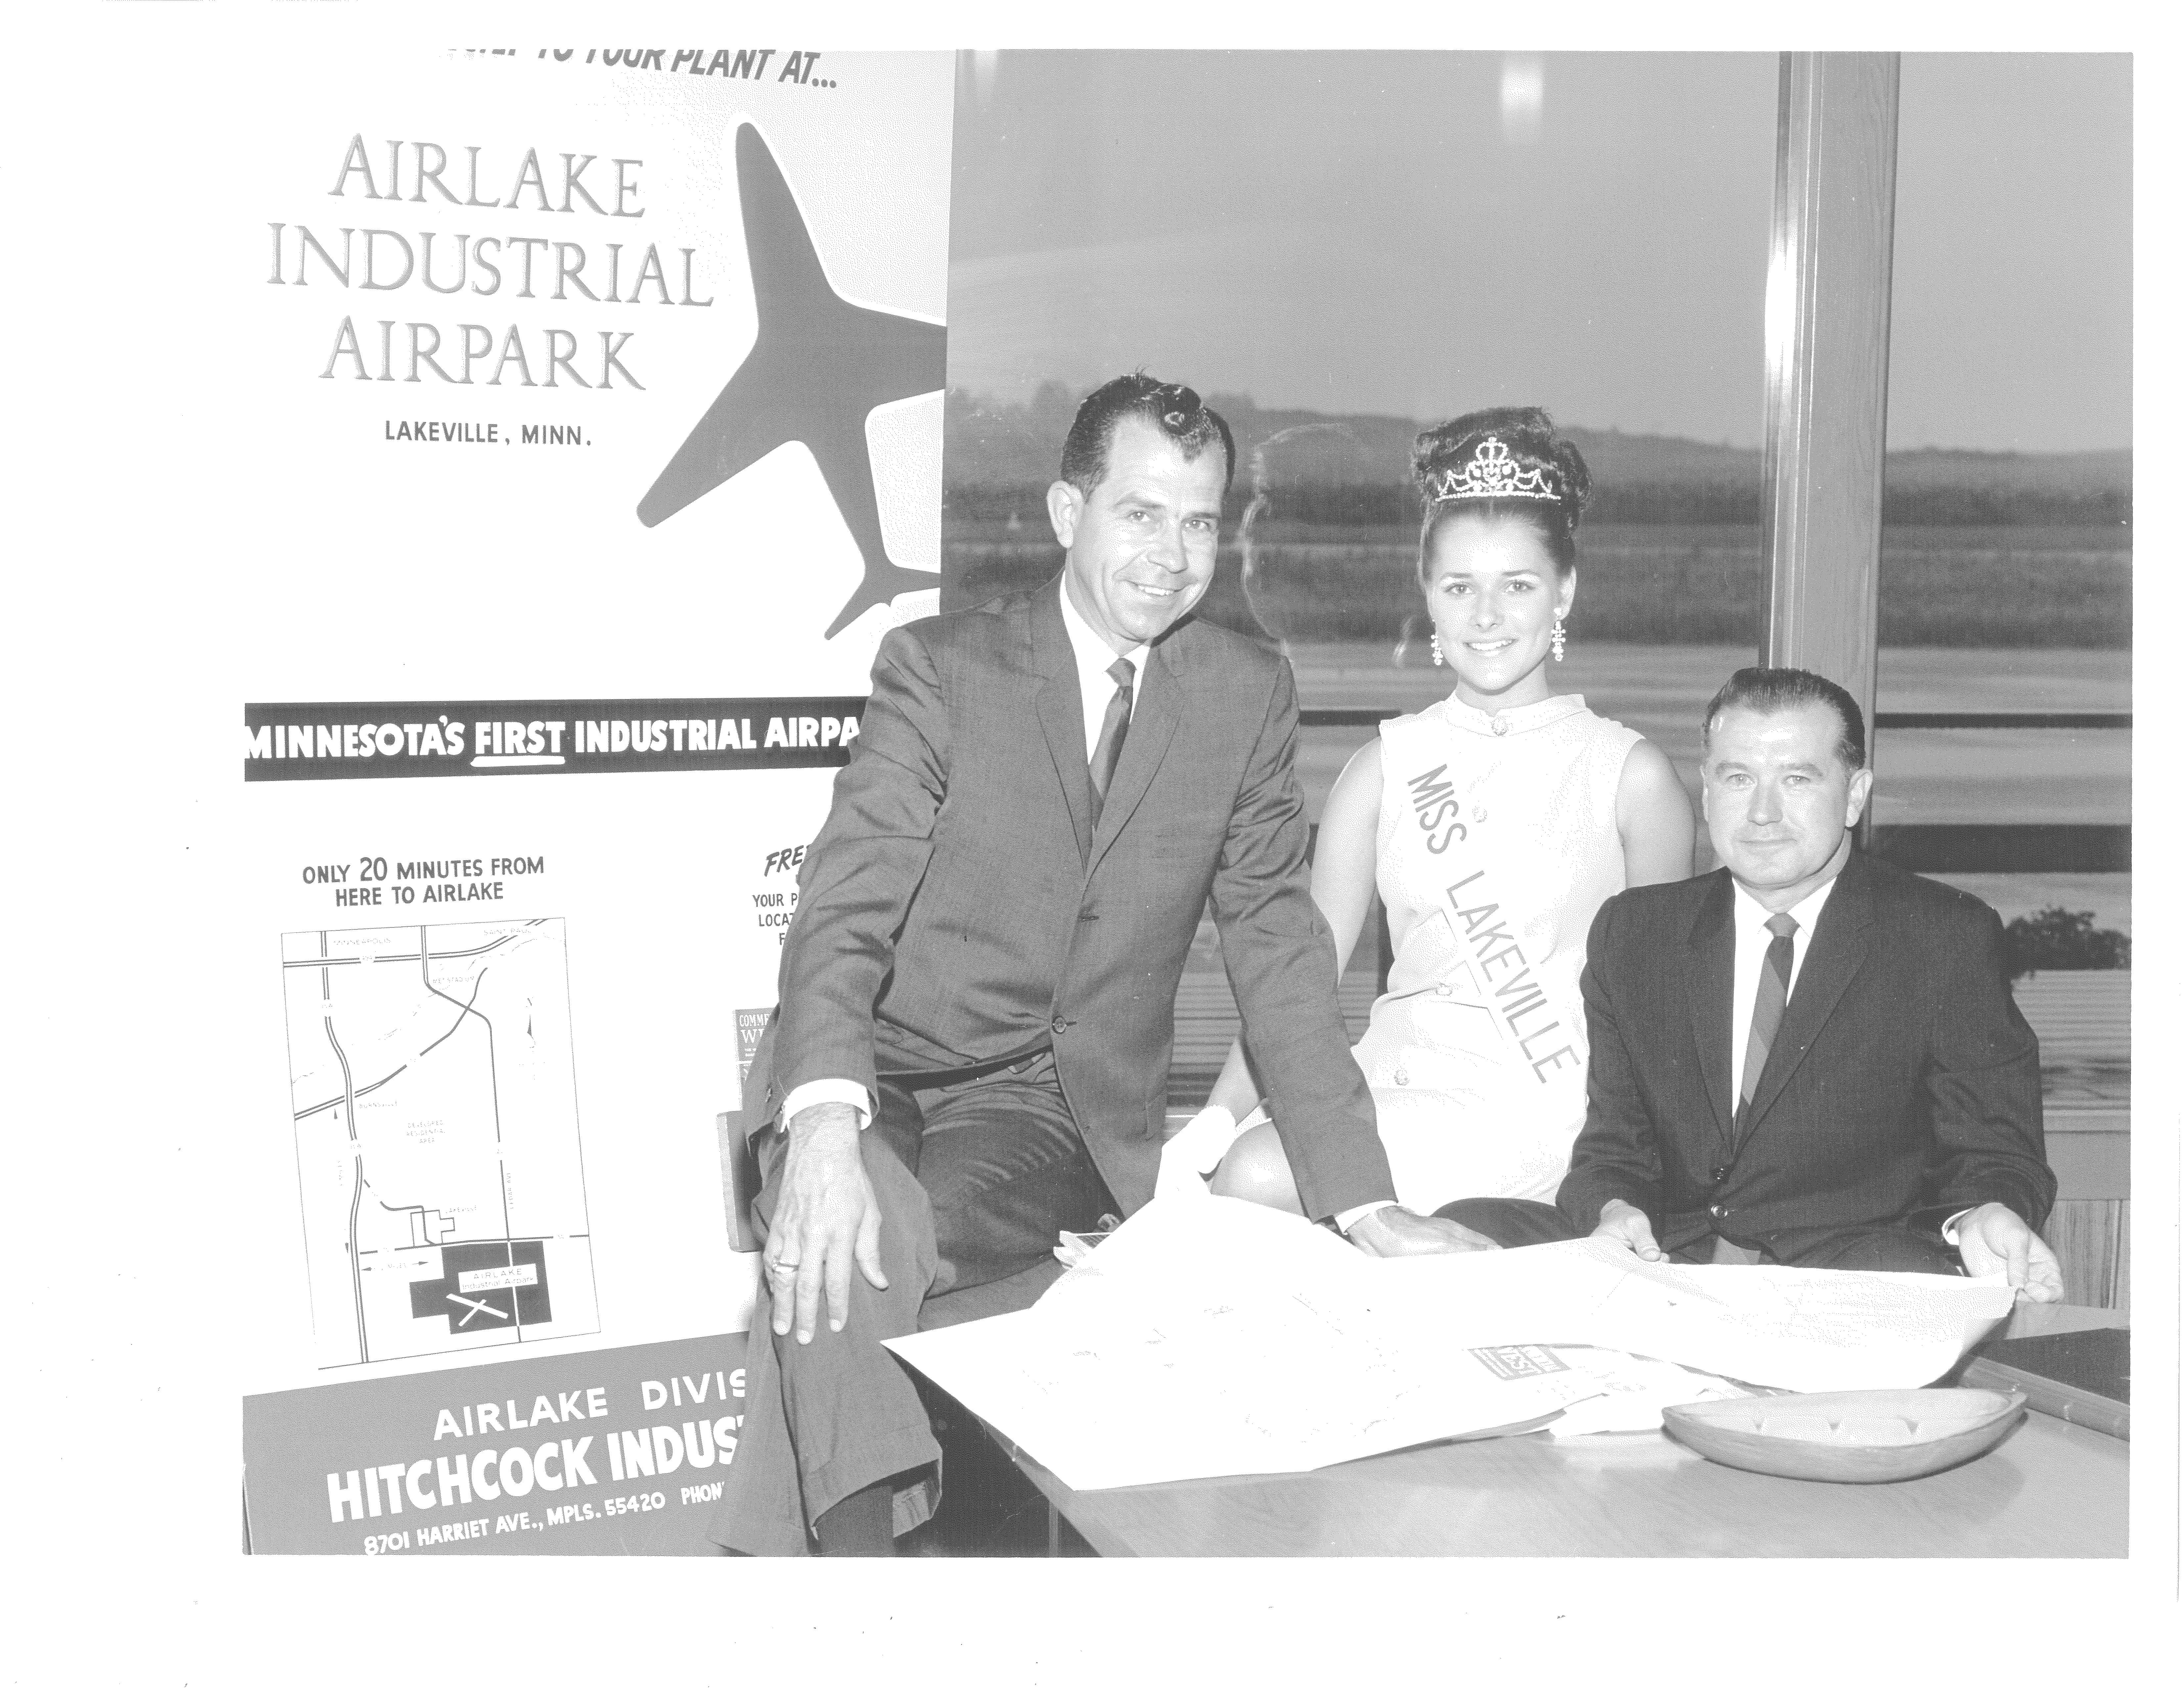 10-21-1966 maynard_0002.png